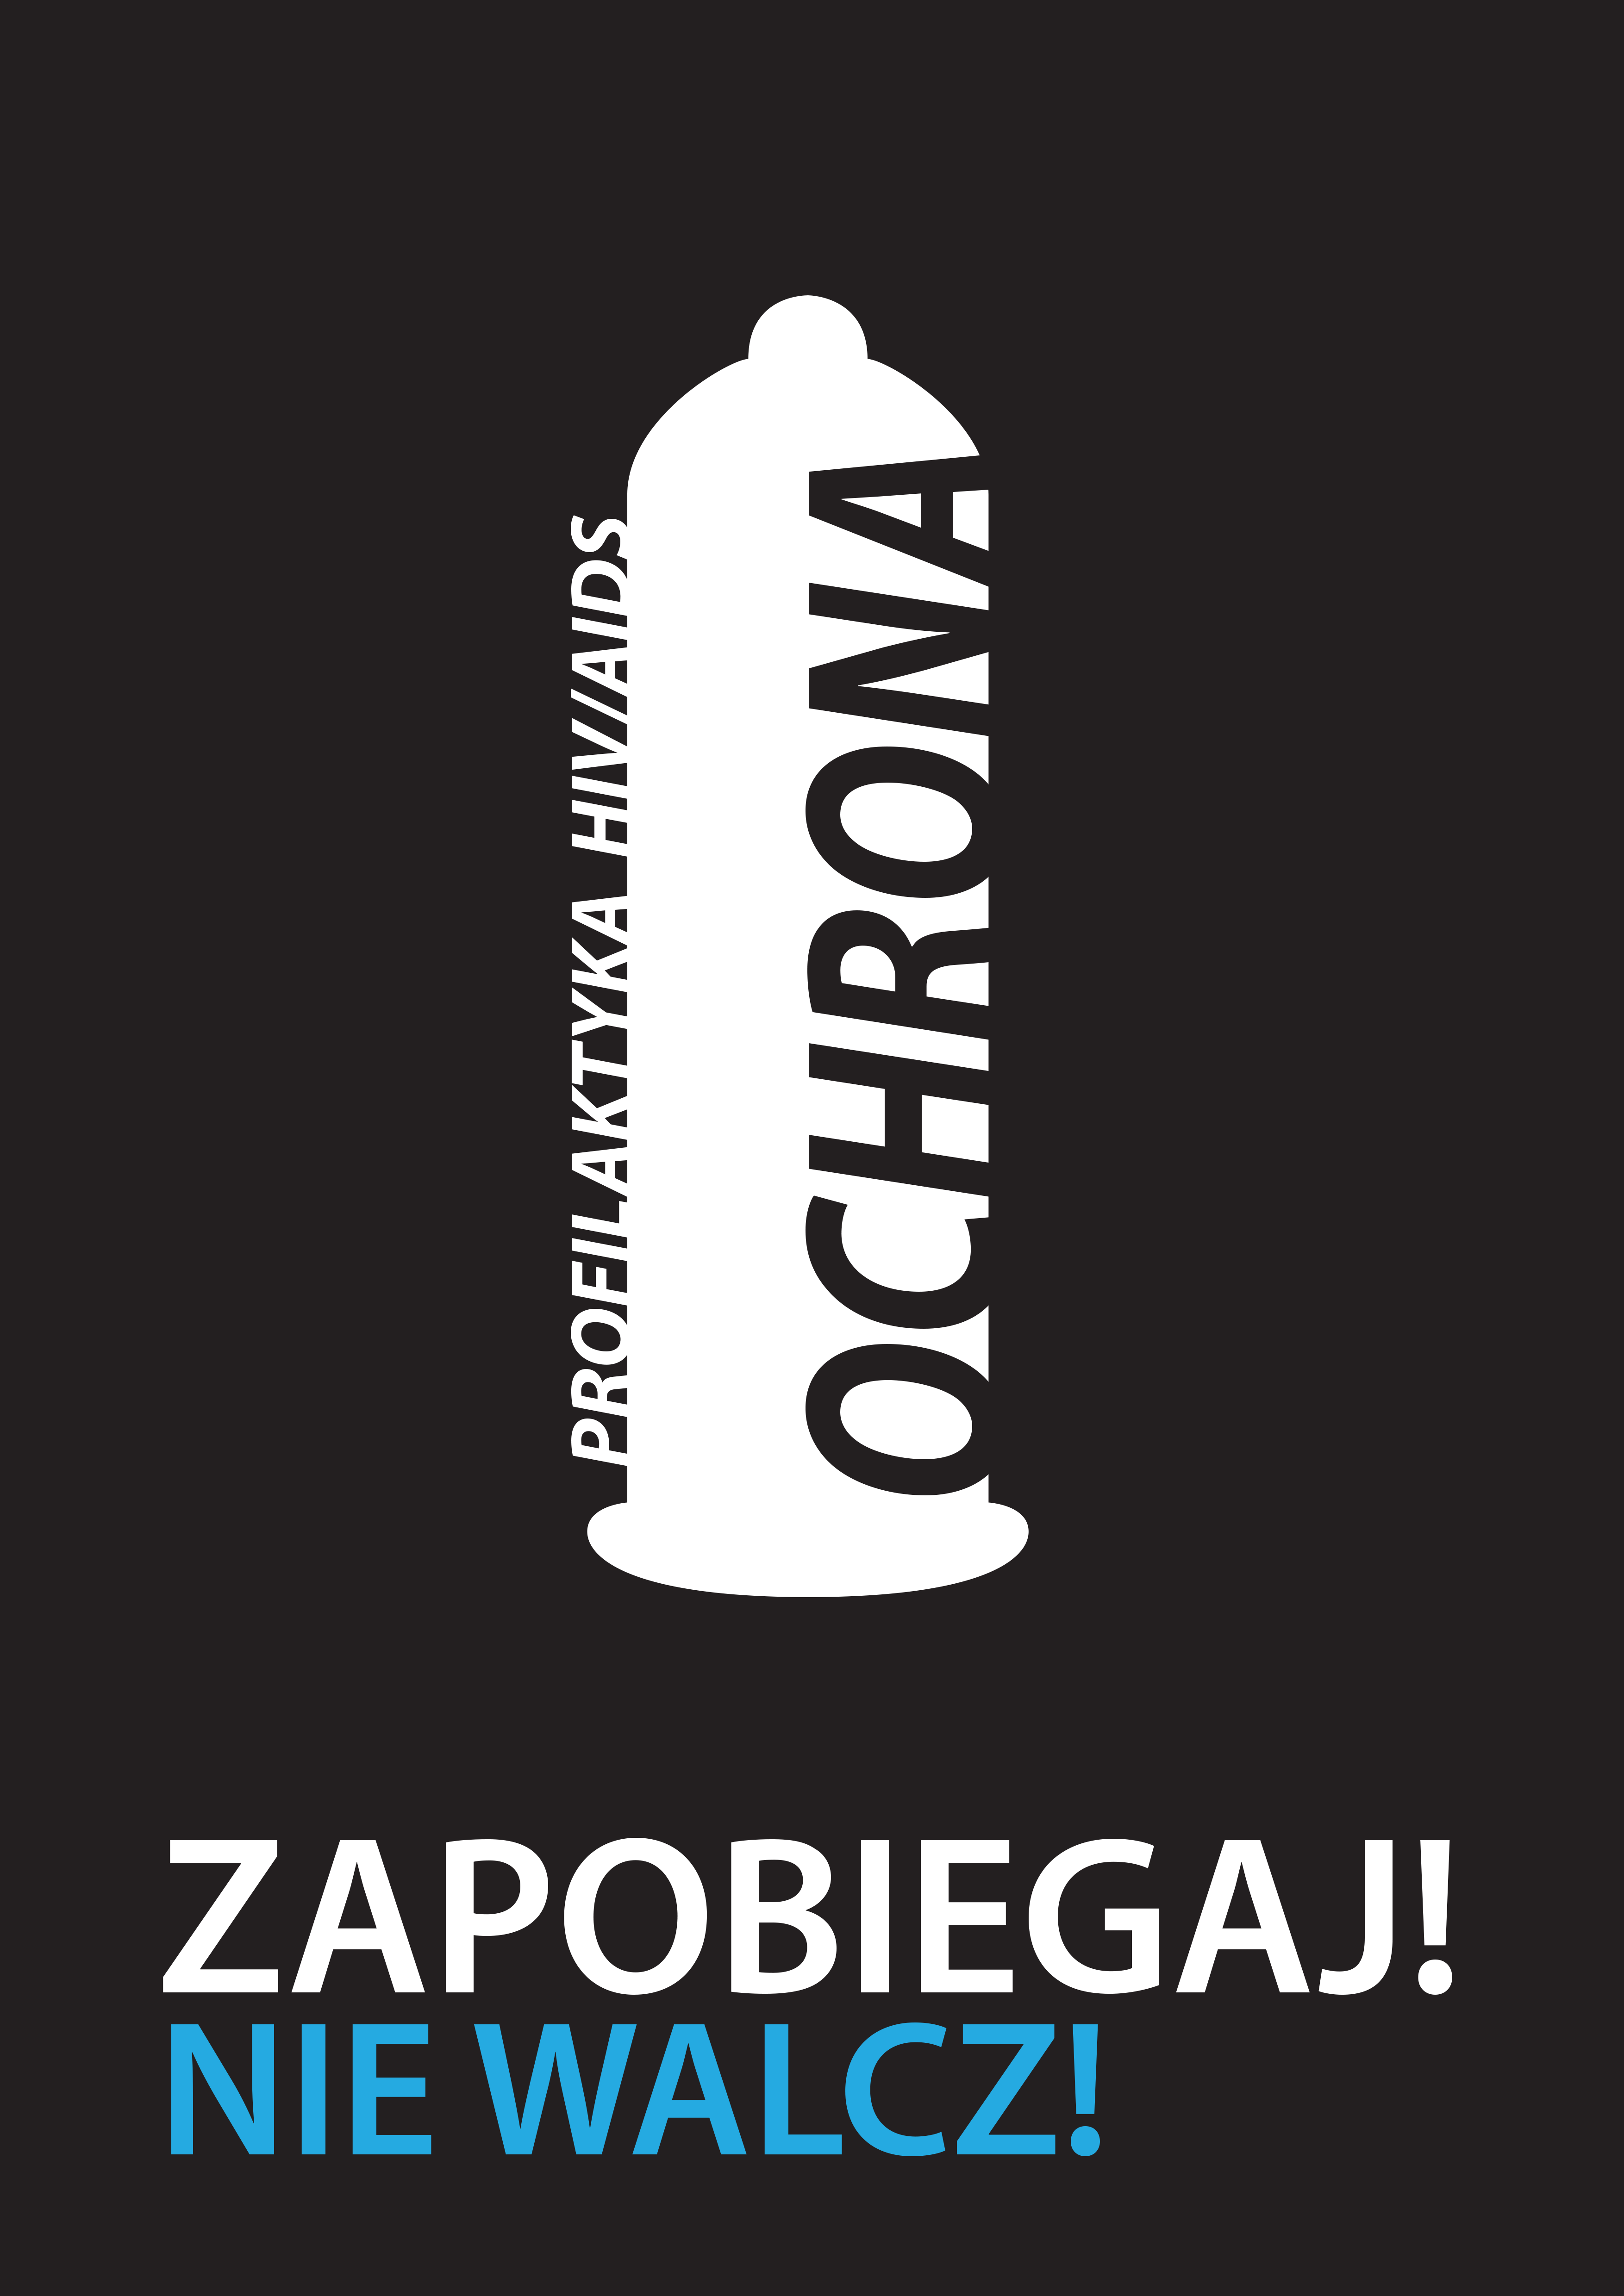 Plakat O Tematyce Walki Z Aids